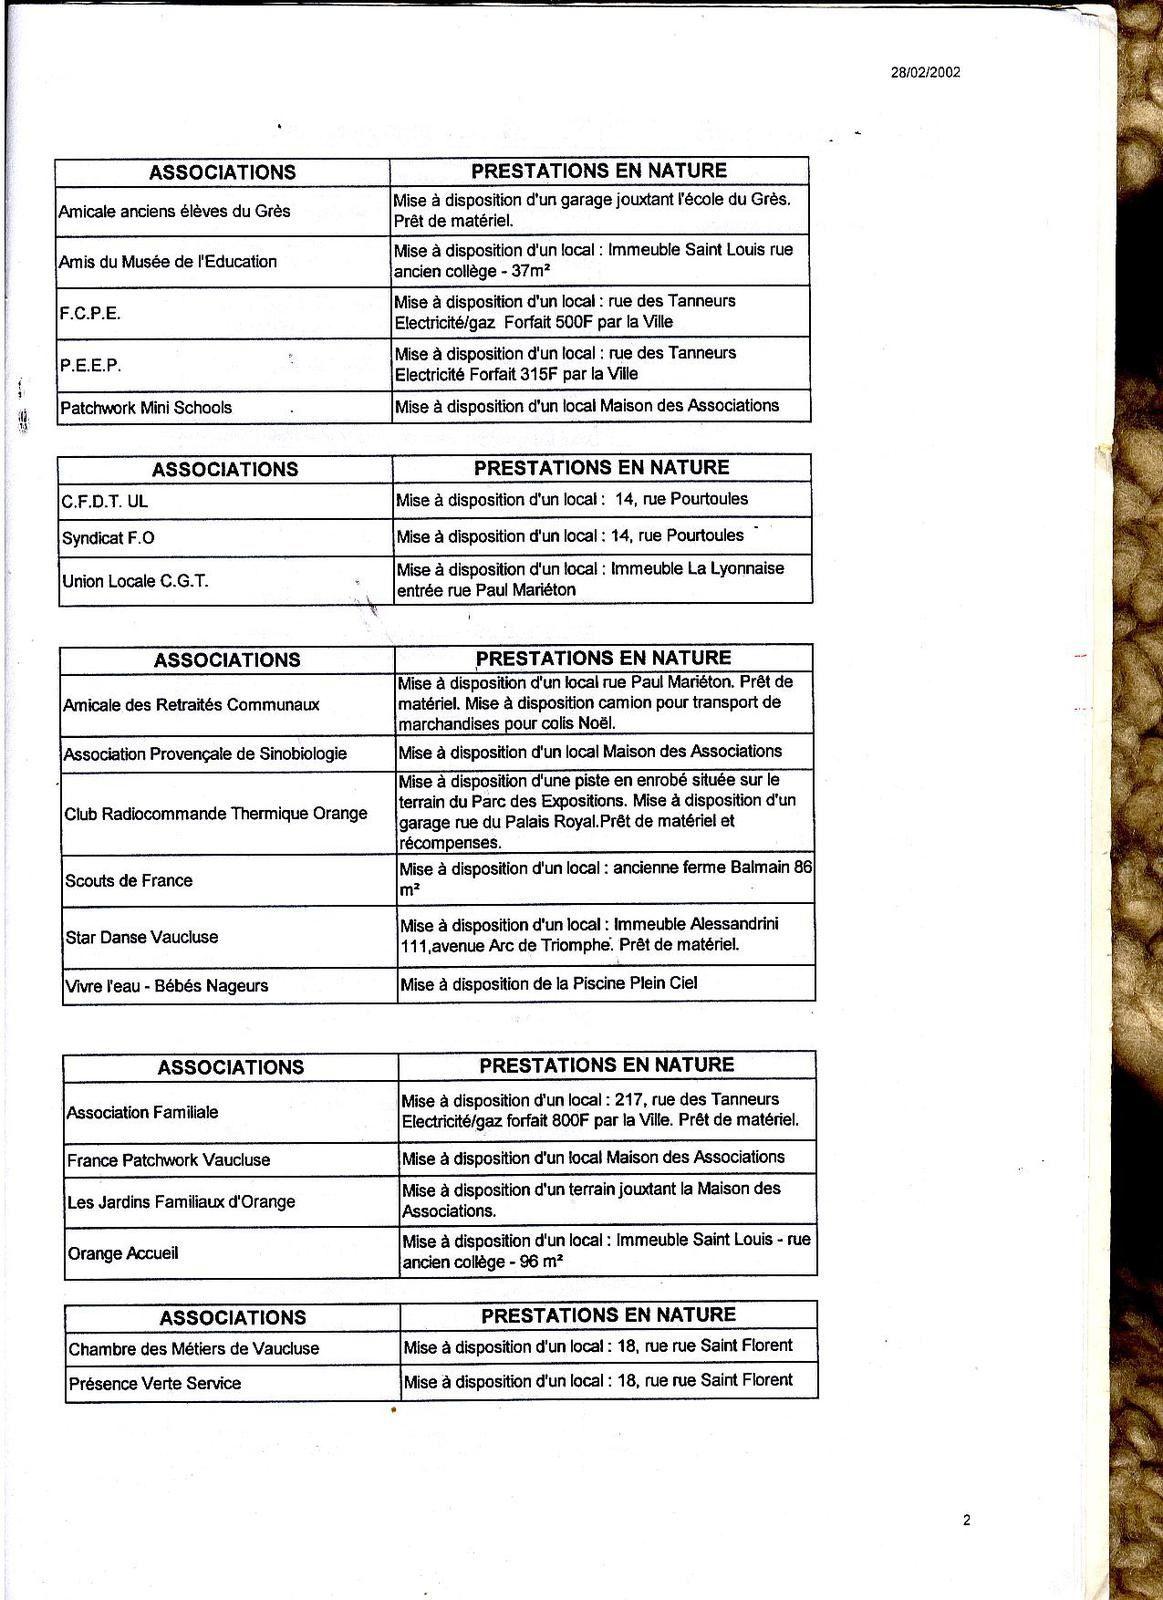 Subventions et aides aux associations en 2001.